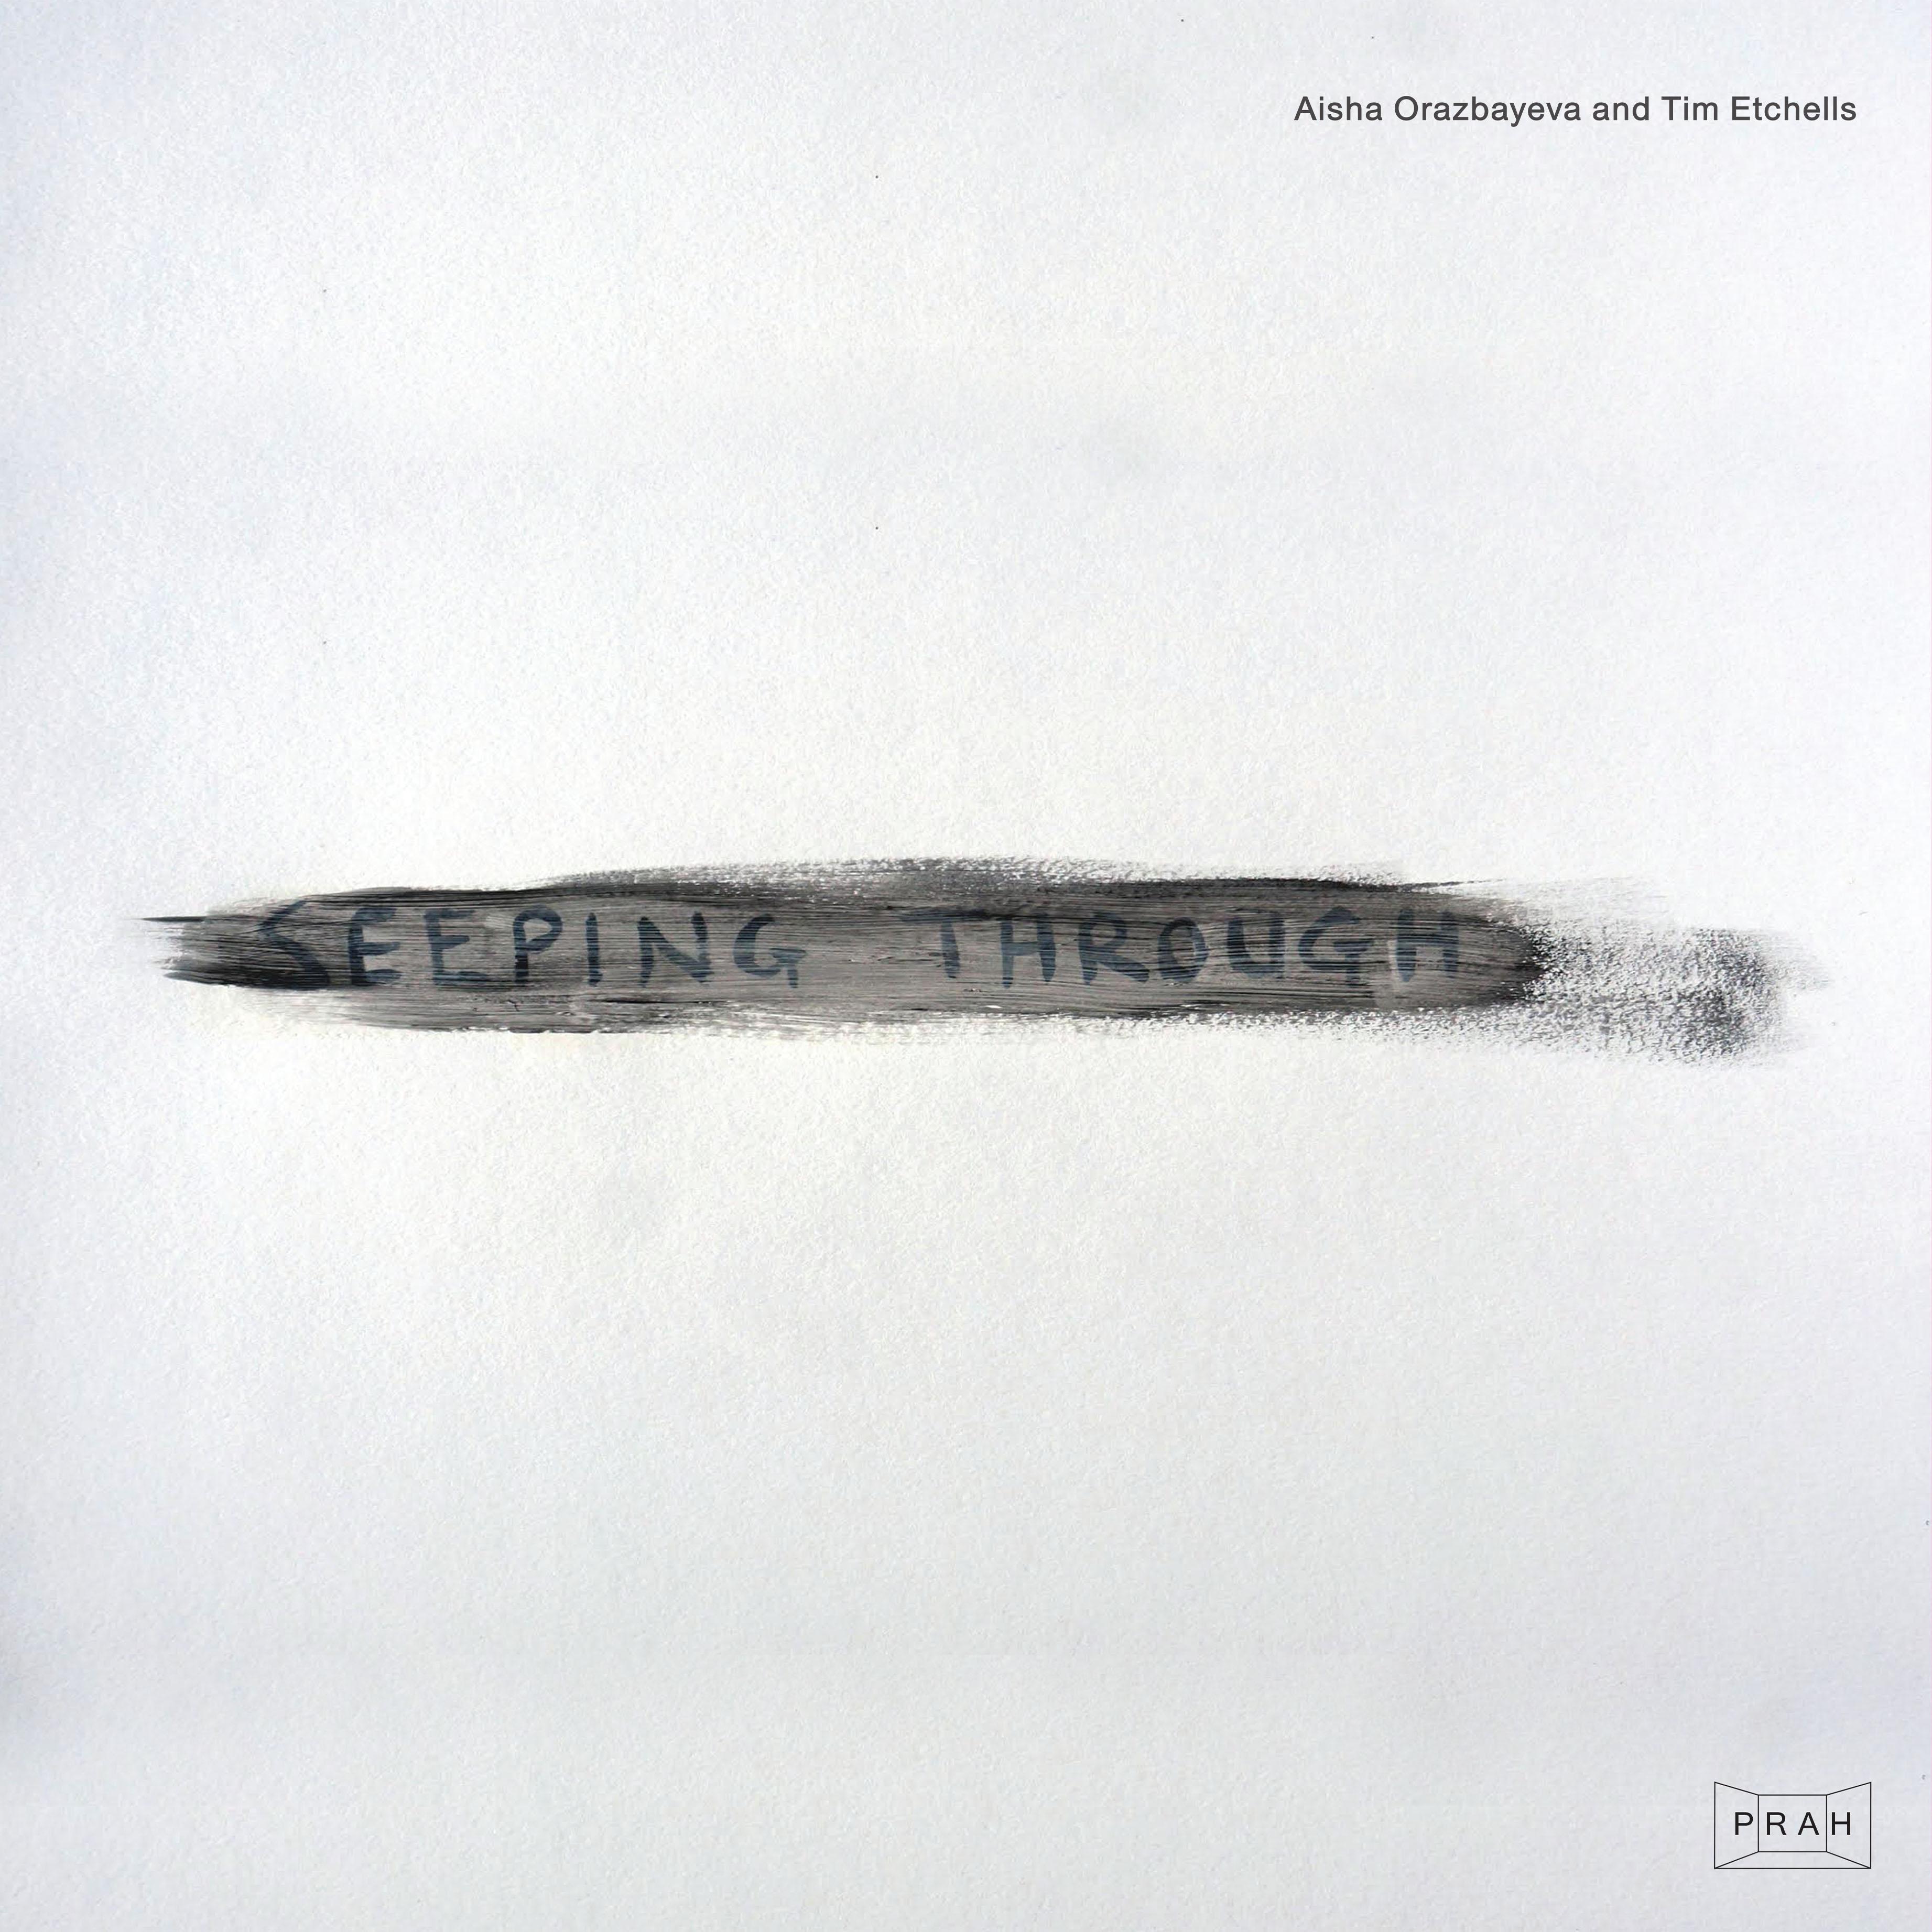 Aisha Orazbayeva & Tim Etchells - Seeping Through (LP) - PRAH Recordings